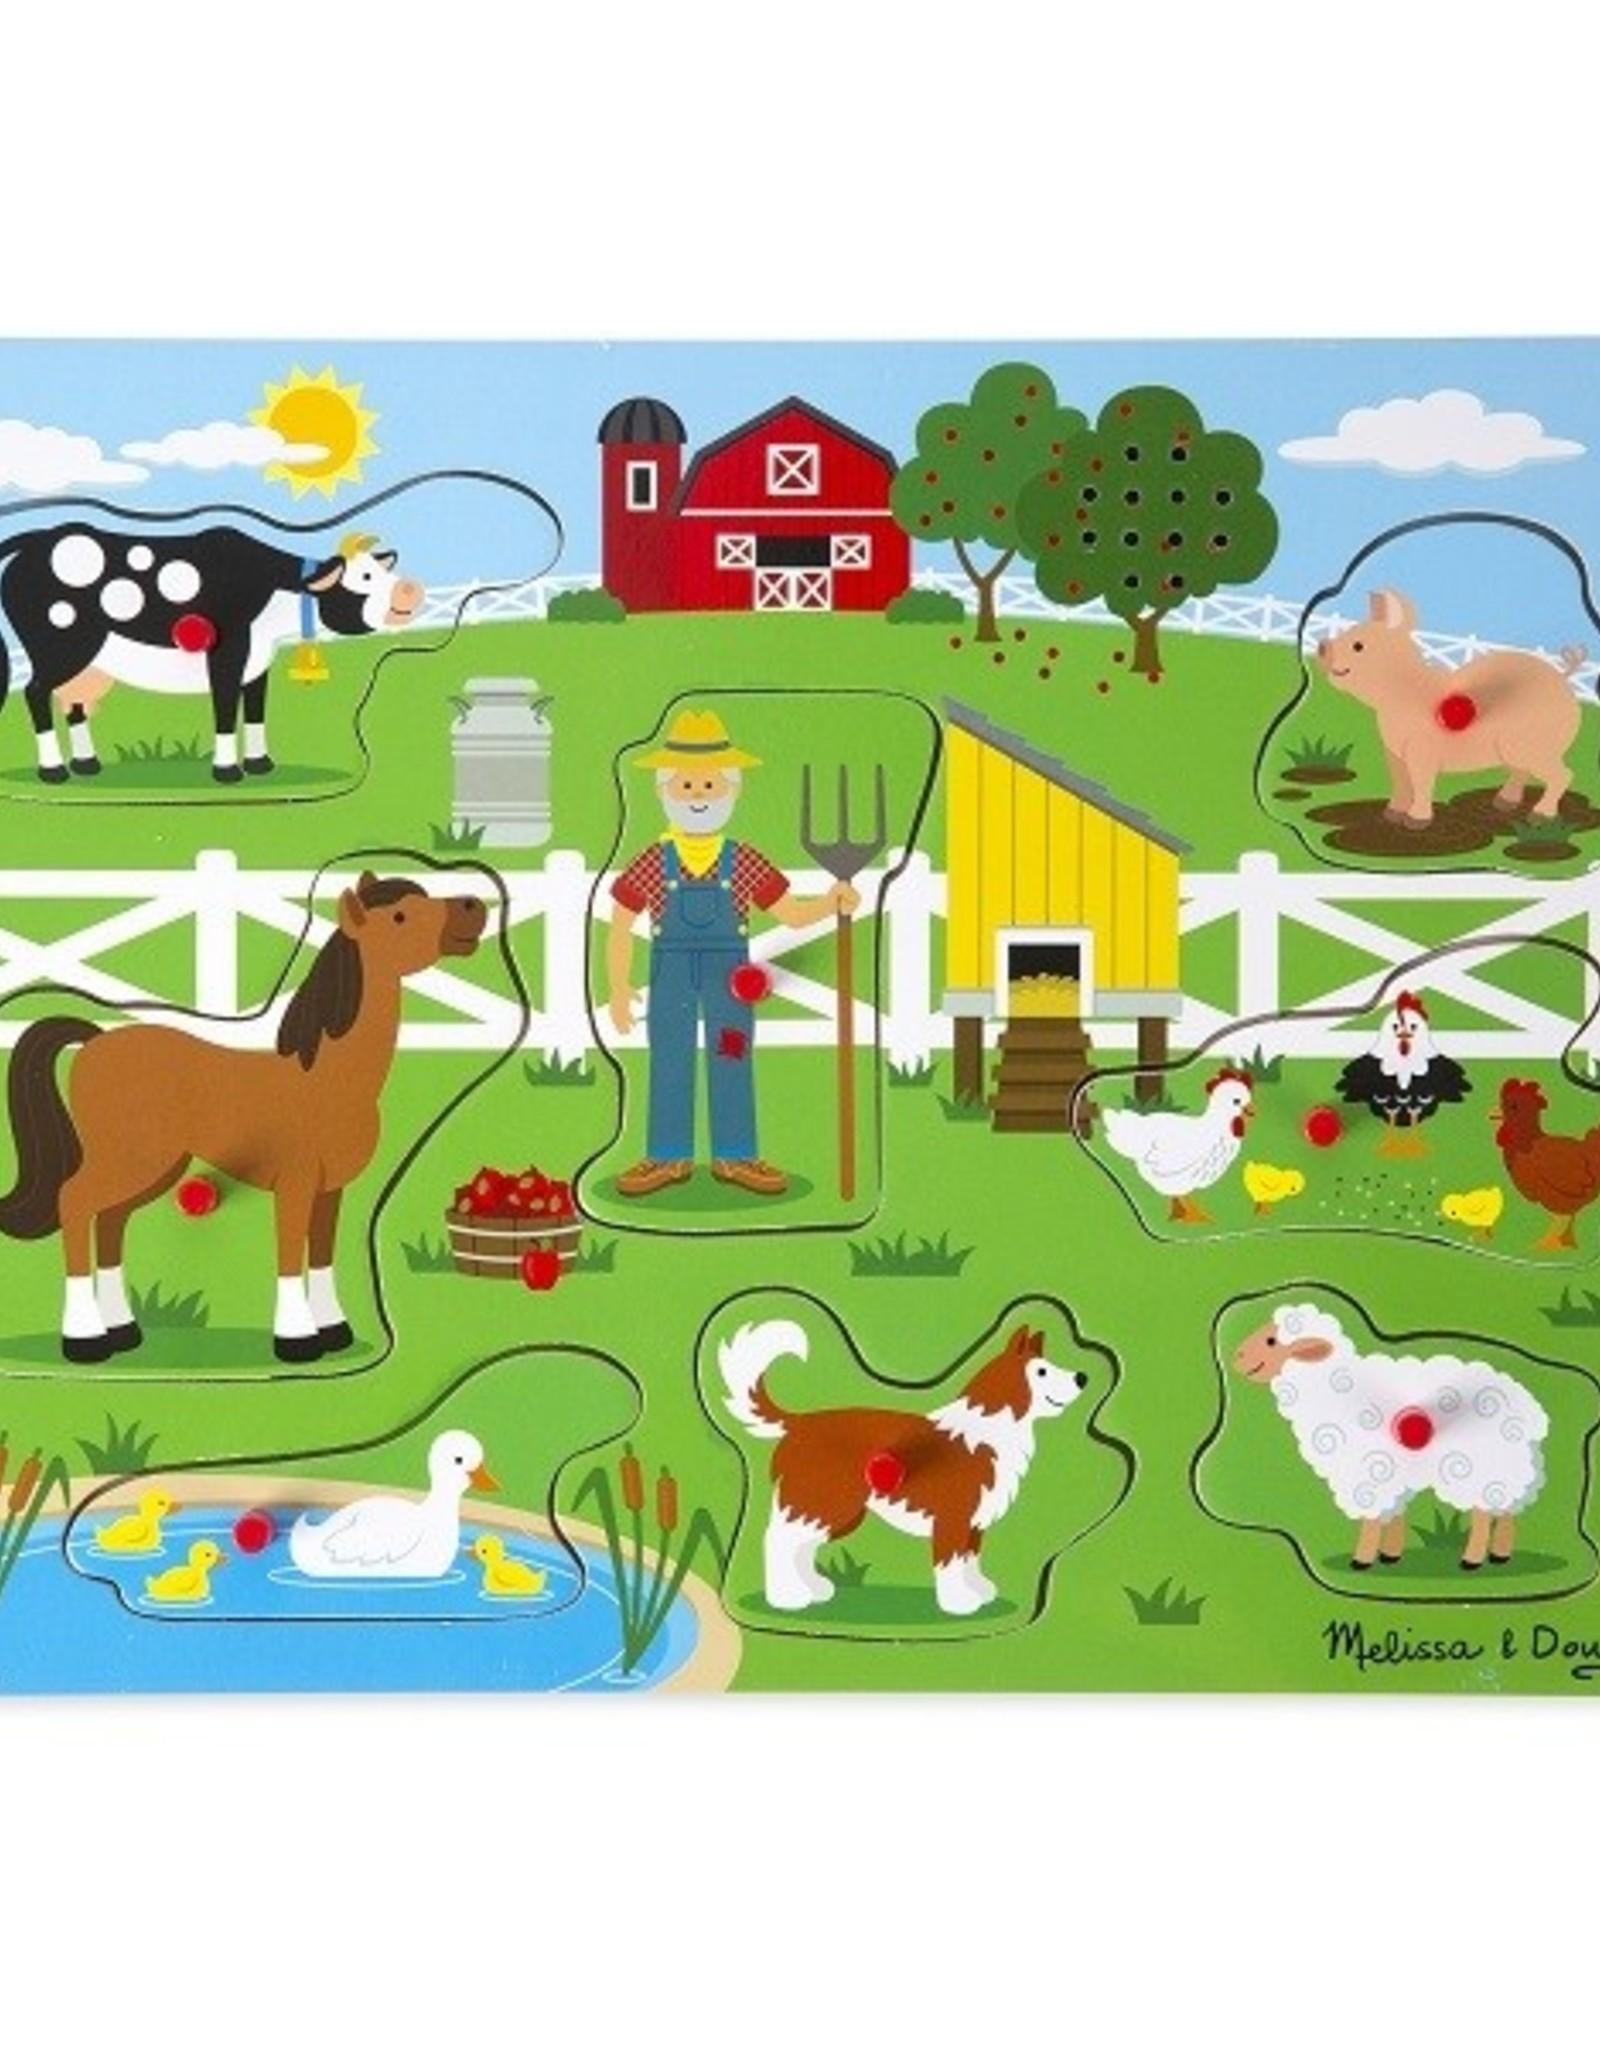 Melissa et Doug Casse-tête musical old macdonald's farm